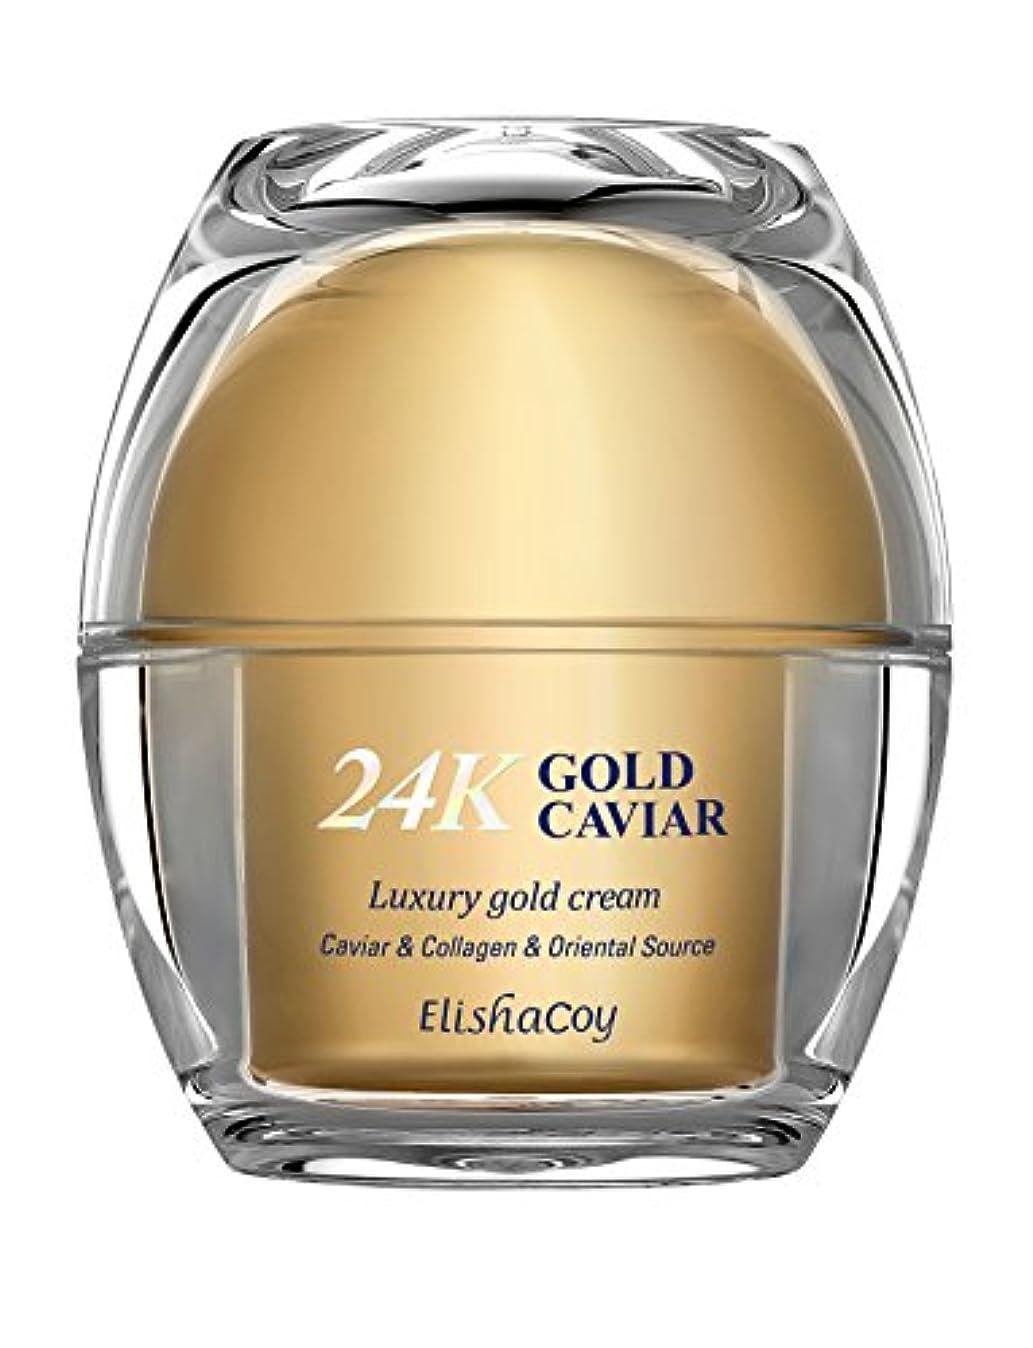 プレゼンテーションオール旅行者保湿クリーム エリシャコイ24Kゴールドキャビアクリーム50g